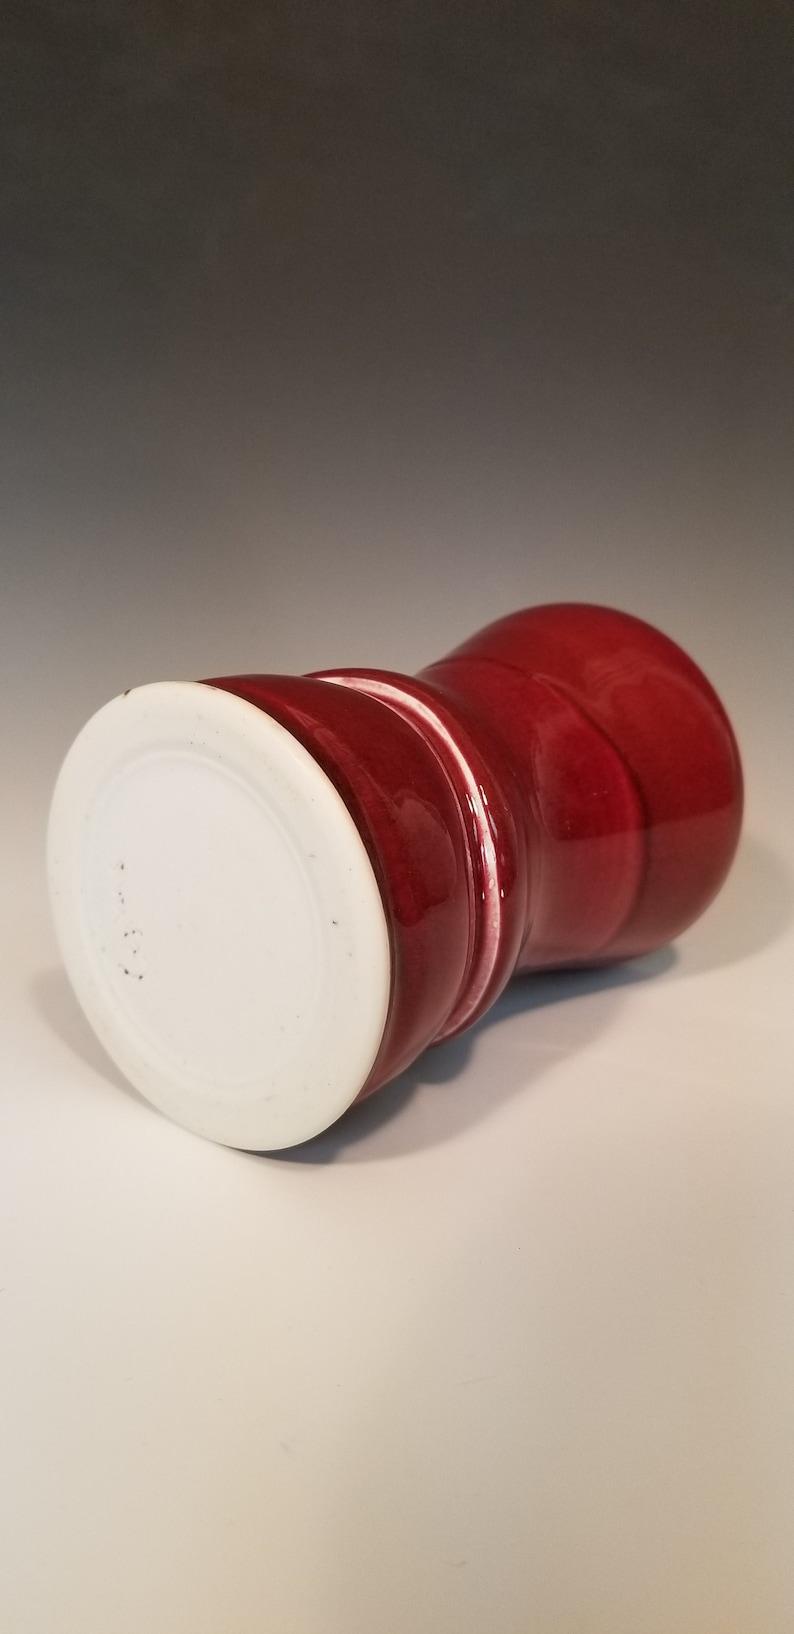 Copper Red Porcelain Tumbler